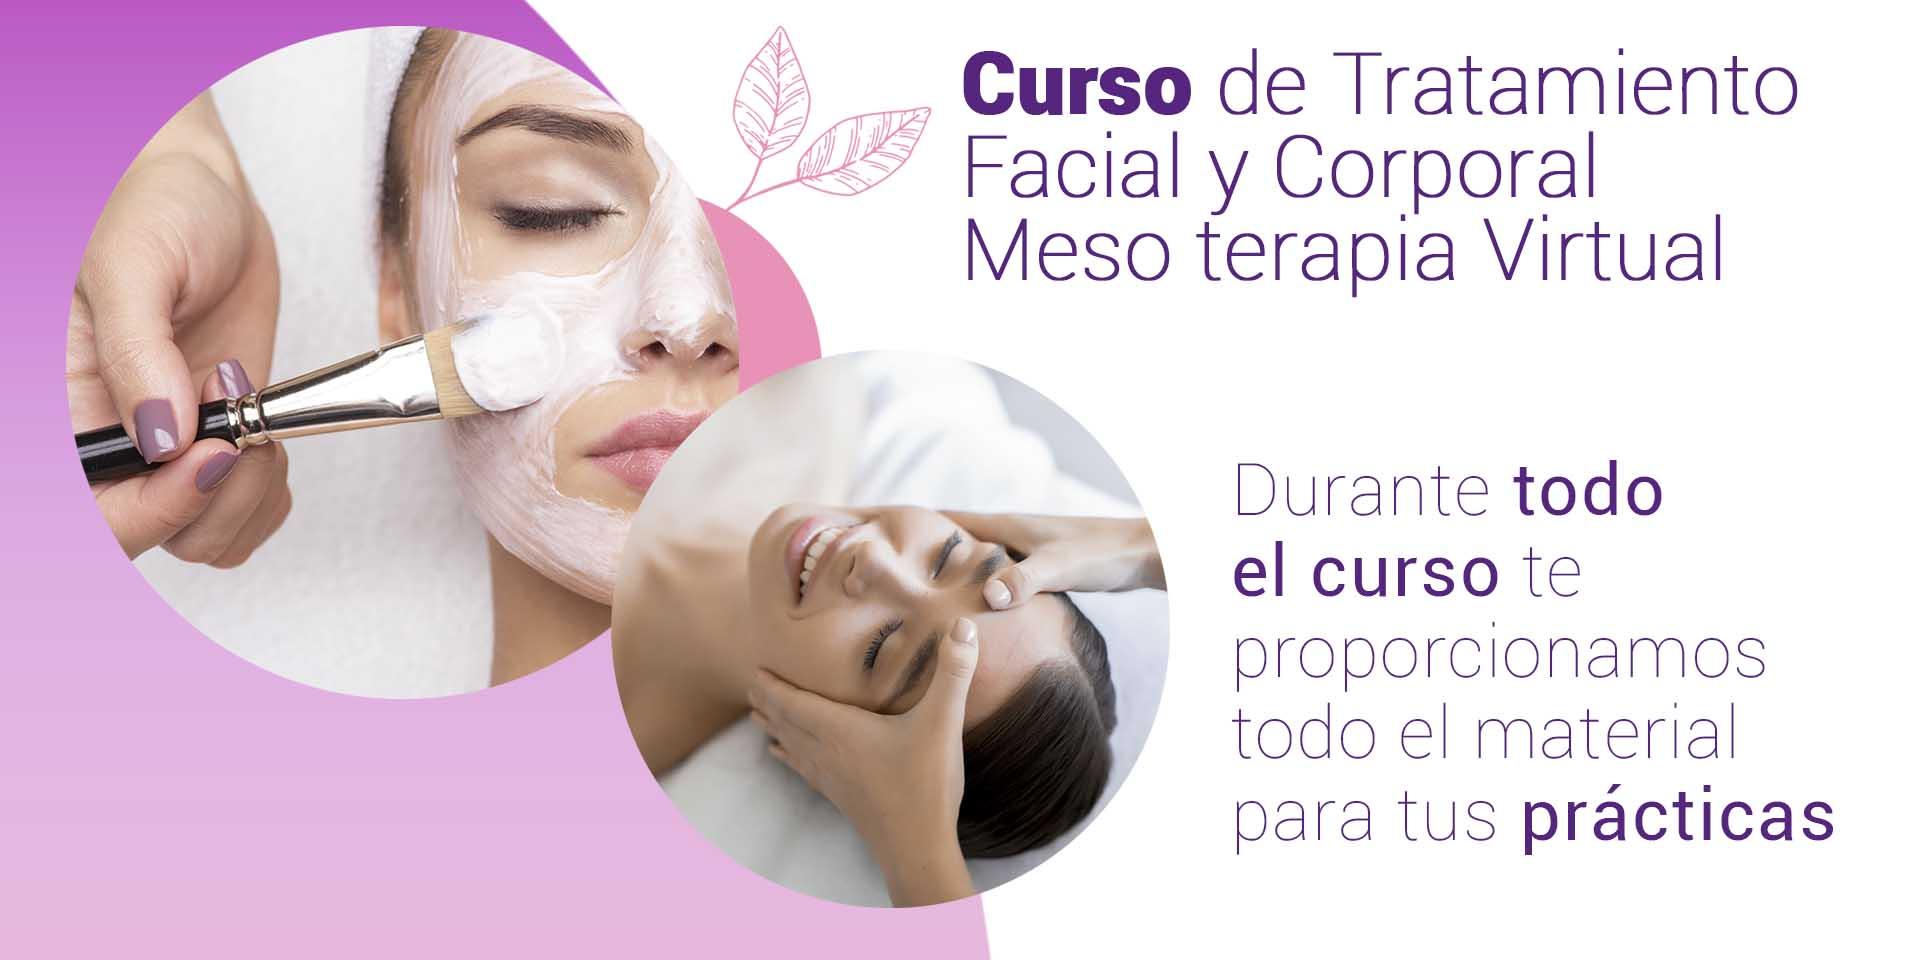 curso de tratamiento facial y corporal ALICANTE 2 elegance alicante